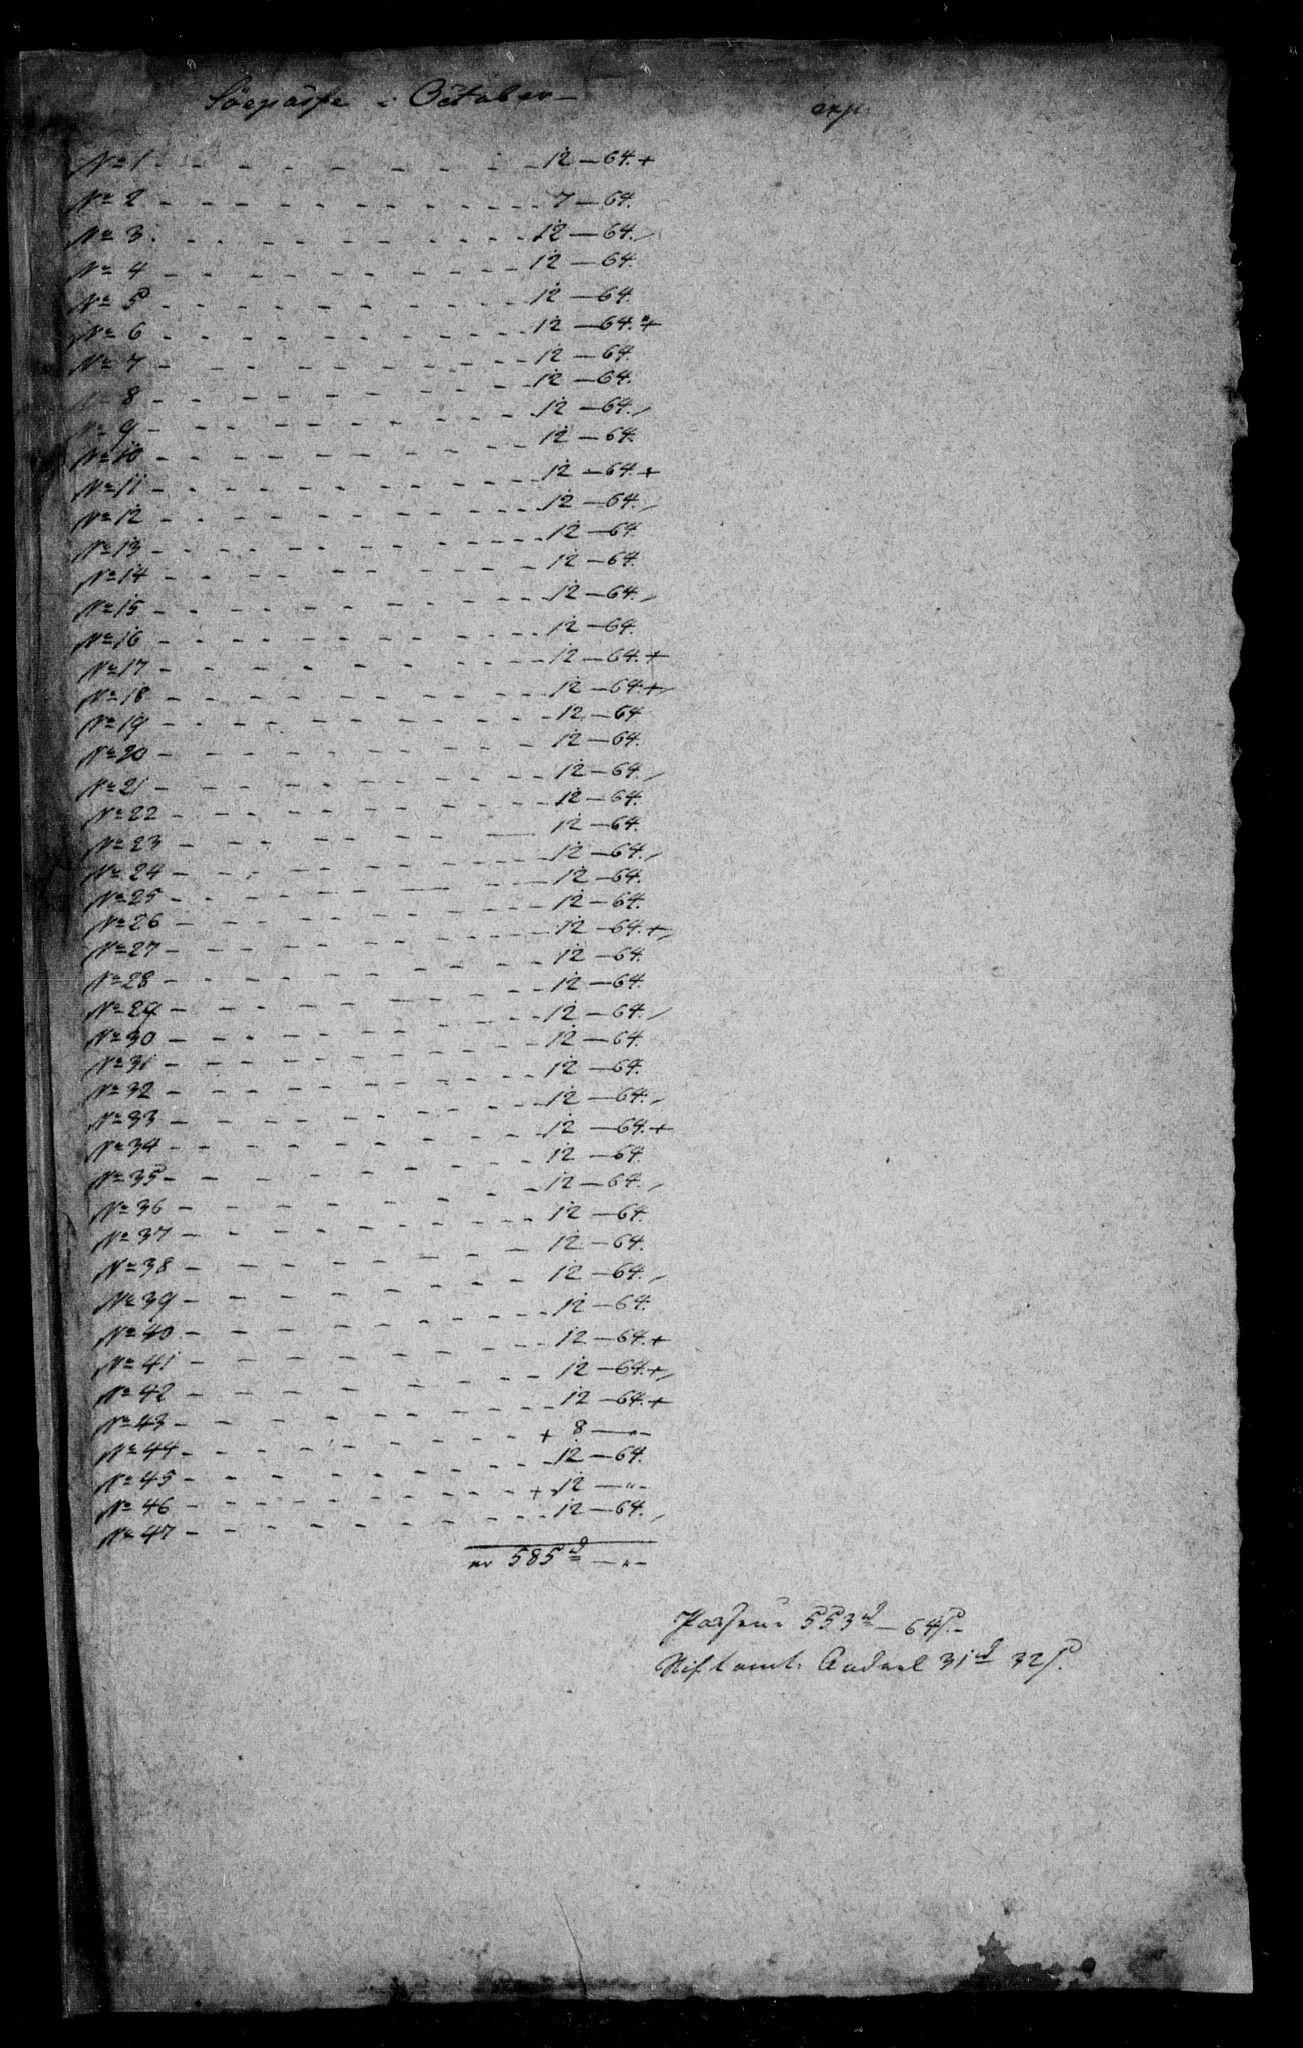 RA, Danske Kanselli, Skapsaker, F/L0052: Skap 13, pakke 2, 1809-1810, s. 227